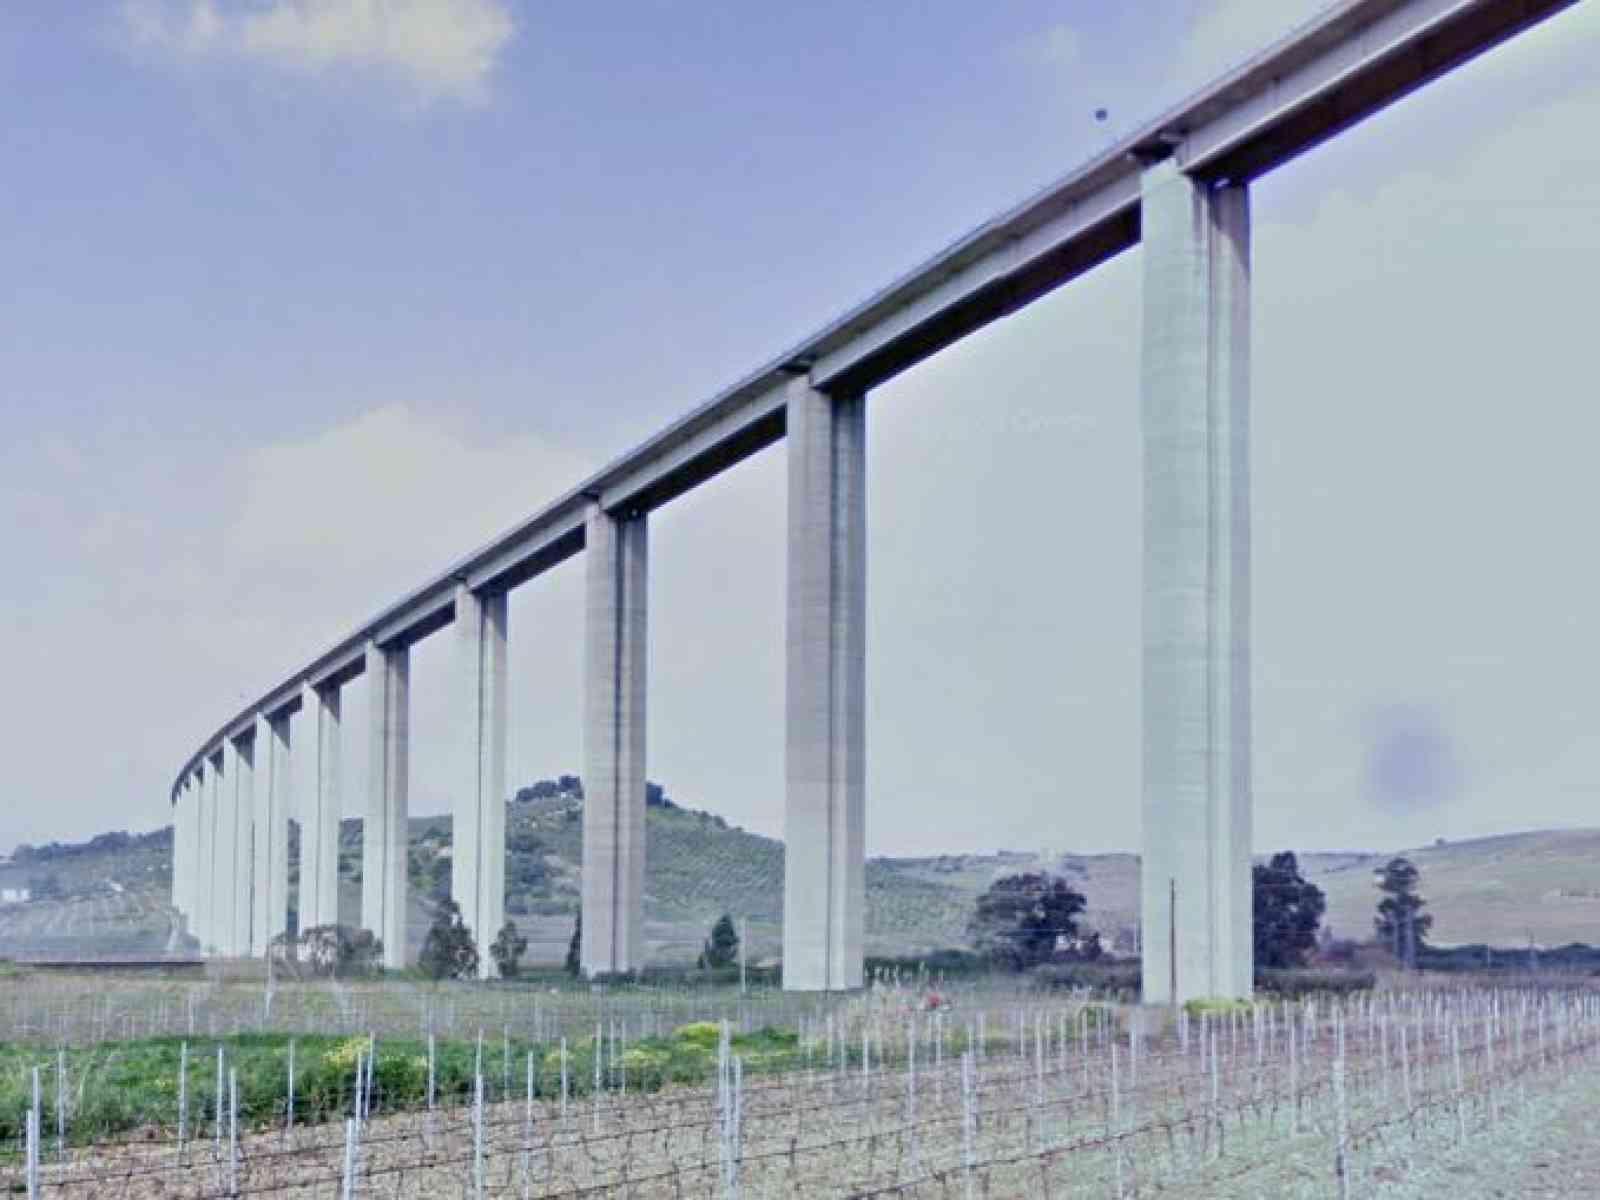 I lavori sul viadotto sul Belìce possono partire. 3milioni per la messa in sicurezza